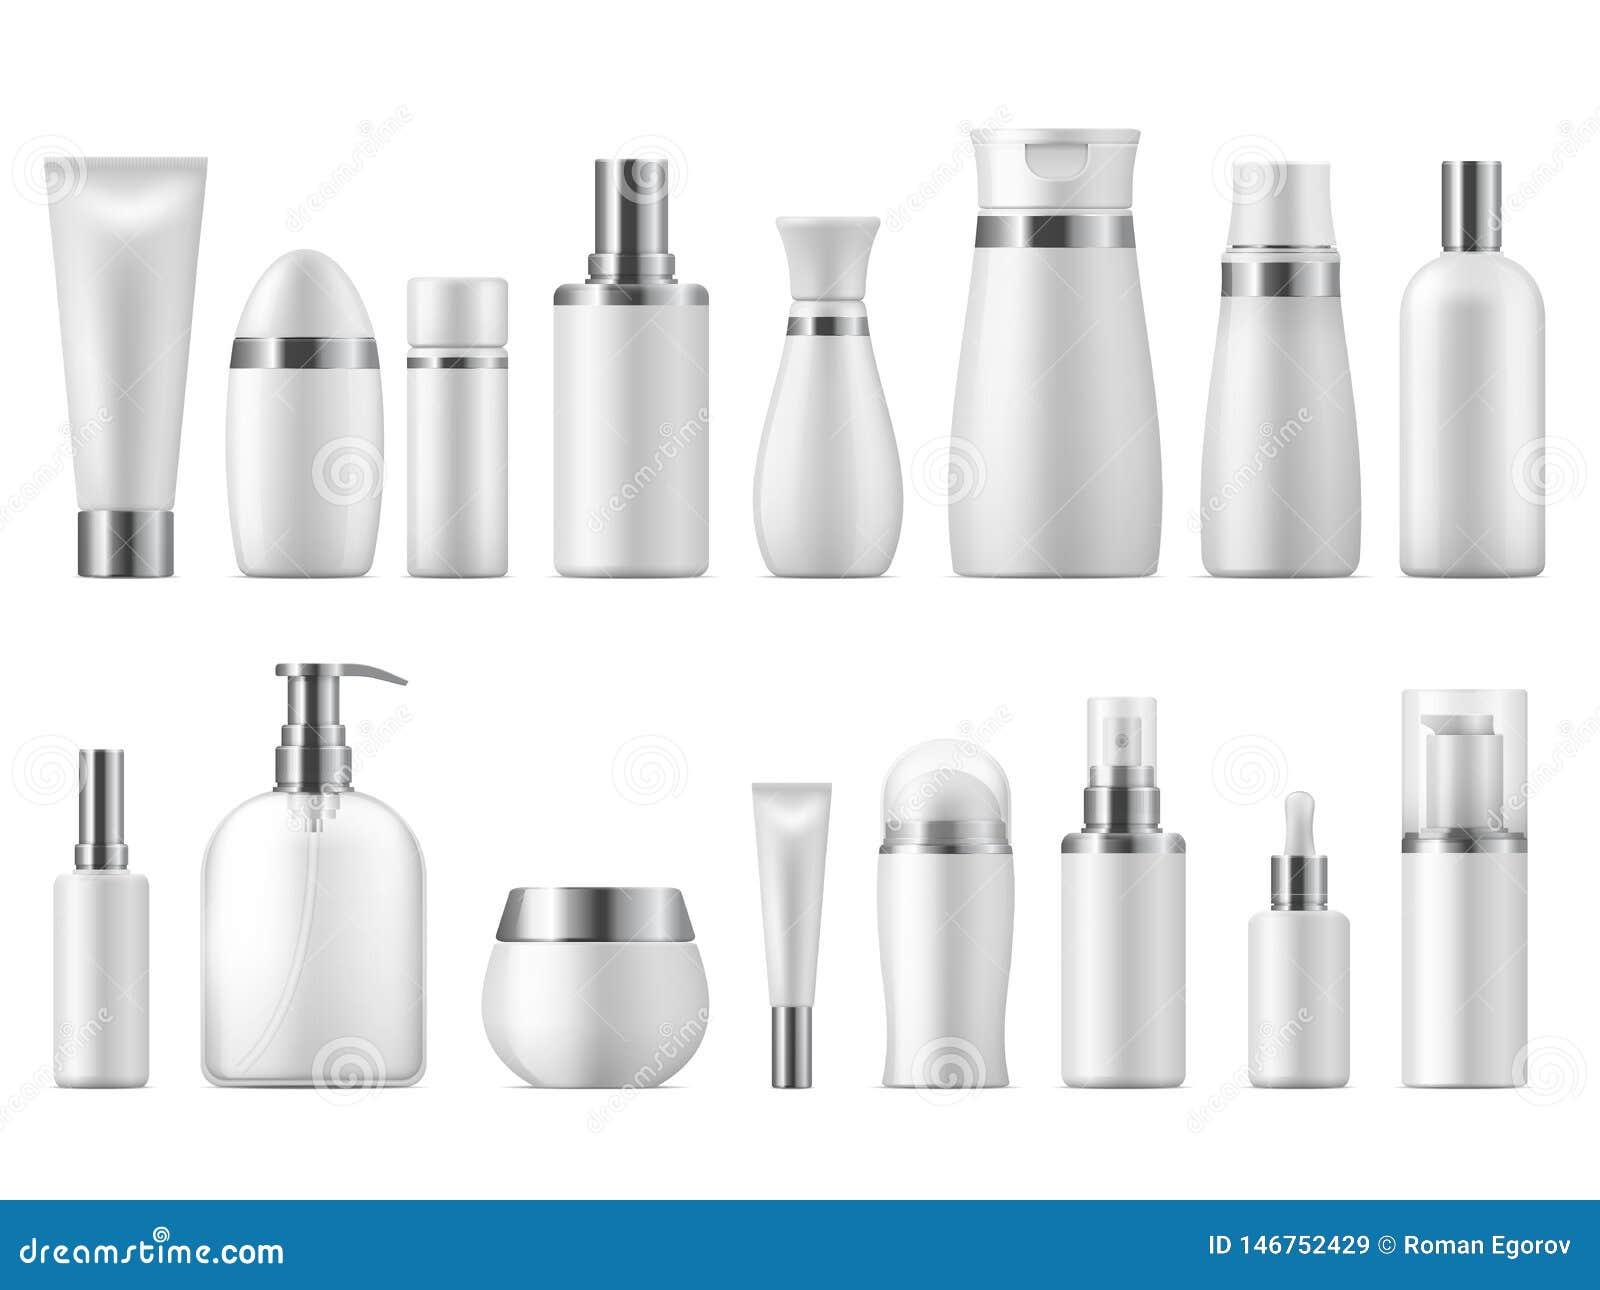 Pacchetto cosmetico realistico Modello in bianco del prodotto di bellezza del pacchetto 3D dei cosmetici bianchi vuoti cosmetici